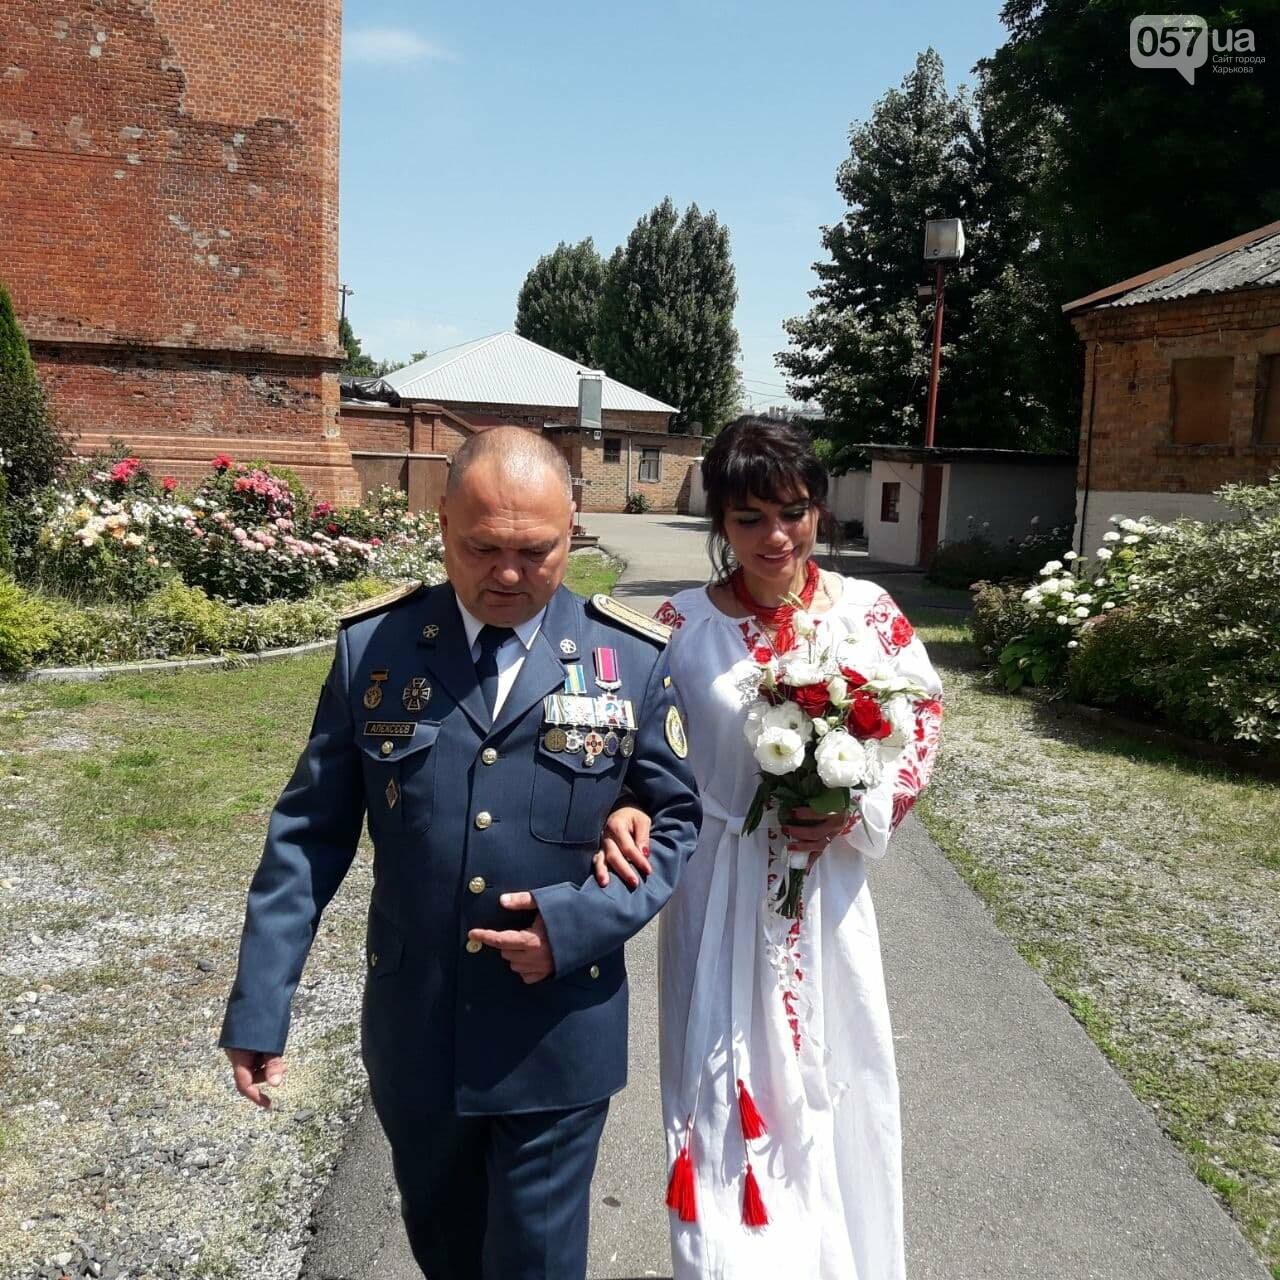 Гарнизоны, война и любовь: в Харькове «Киборг», оборонявший Донецкий аэропорт, обвенчался с супругой после 25 лет брака, - ФОТО, фото-1